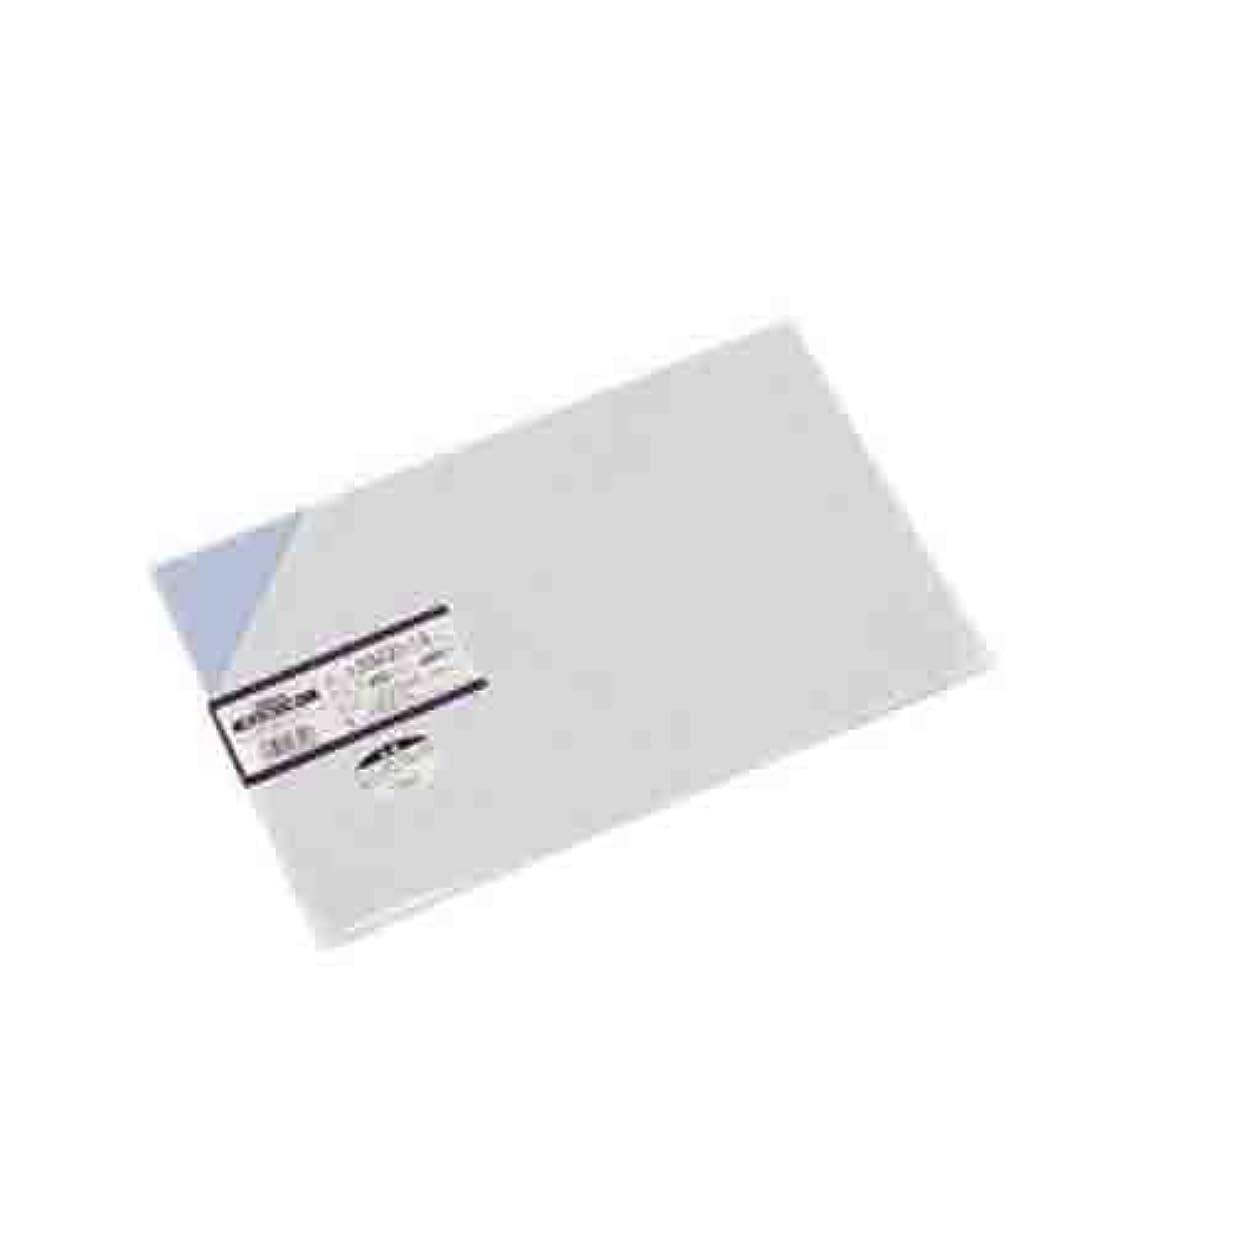 時代パイプライン社会主義者光 塩ビ板Pブルー0.5×200×300mm EB235-19